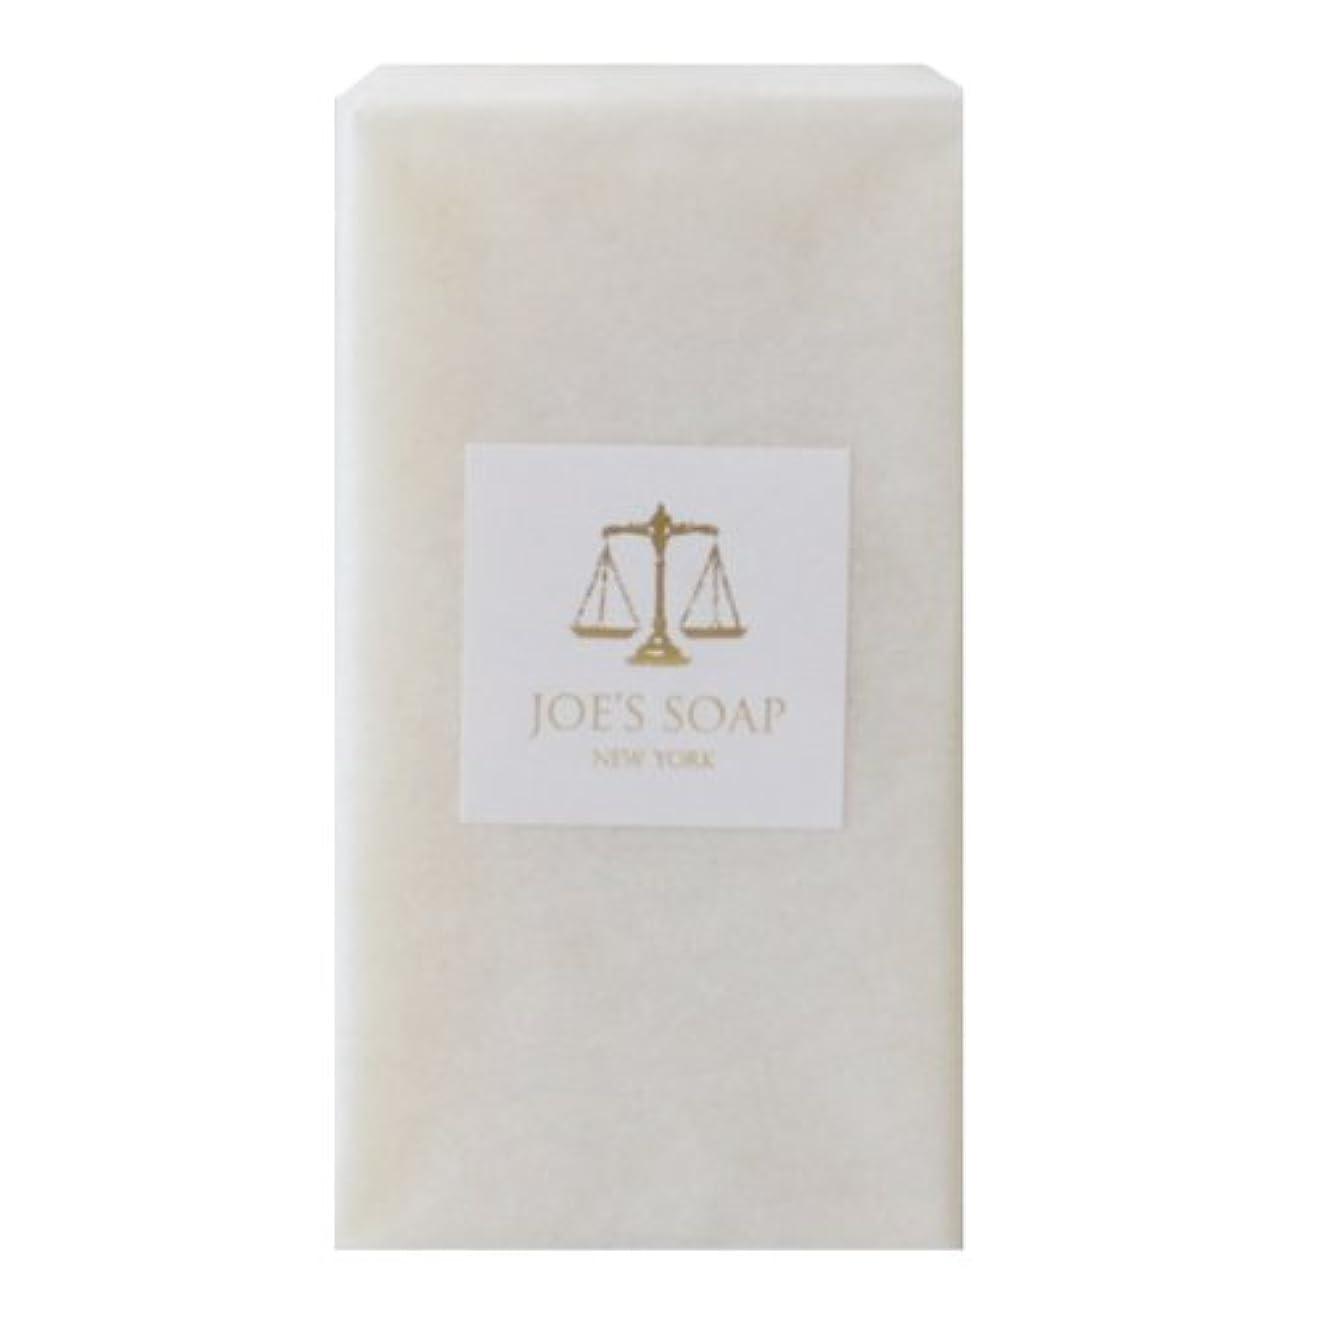 縫い目多様なデンマークJOE'S SOAP ジョーズソープ オリーブソープ NO.1 100g 石鹸 無香料 無添加 オーガニックソープ 洗顔料 オリーブ石けん せっけん 固形 宅配便